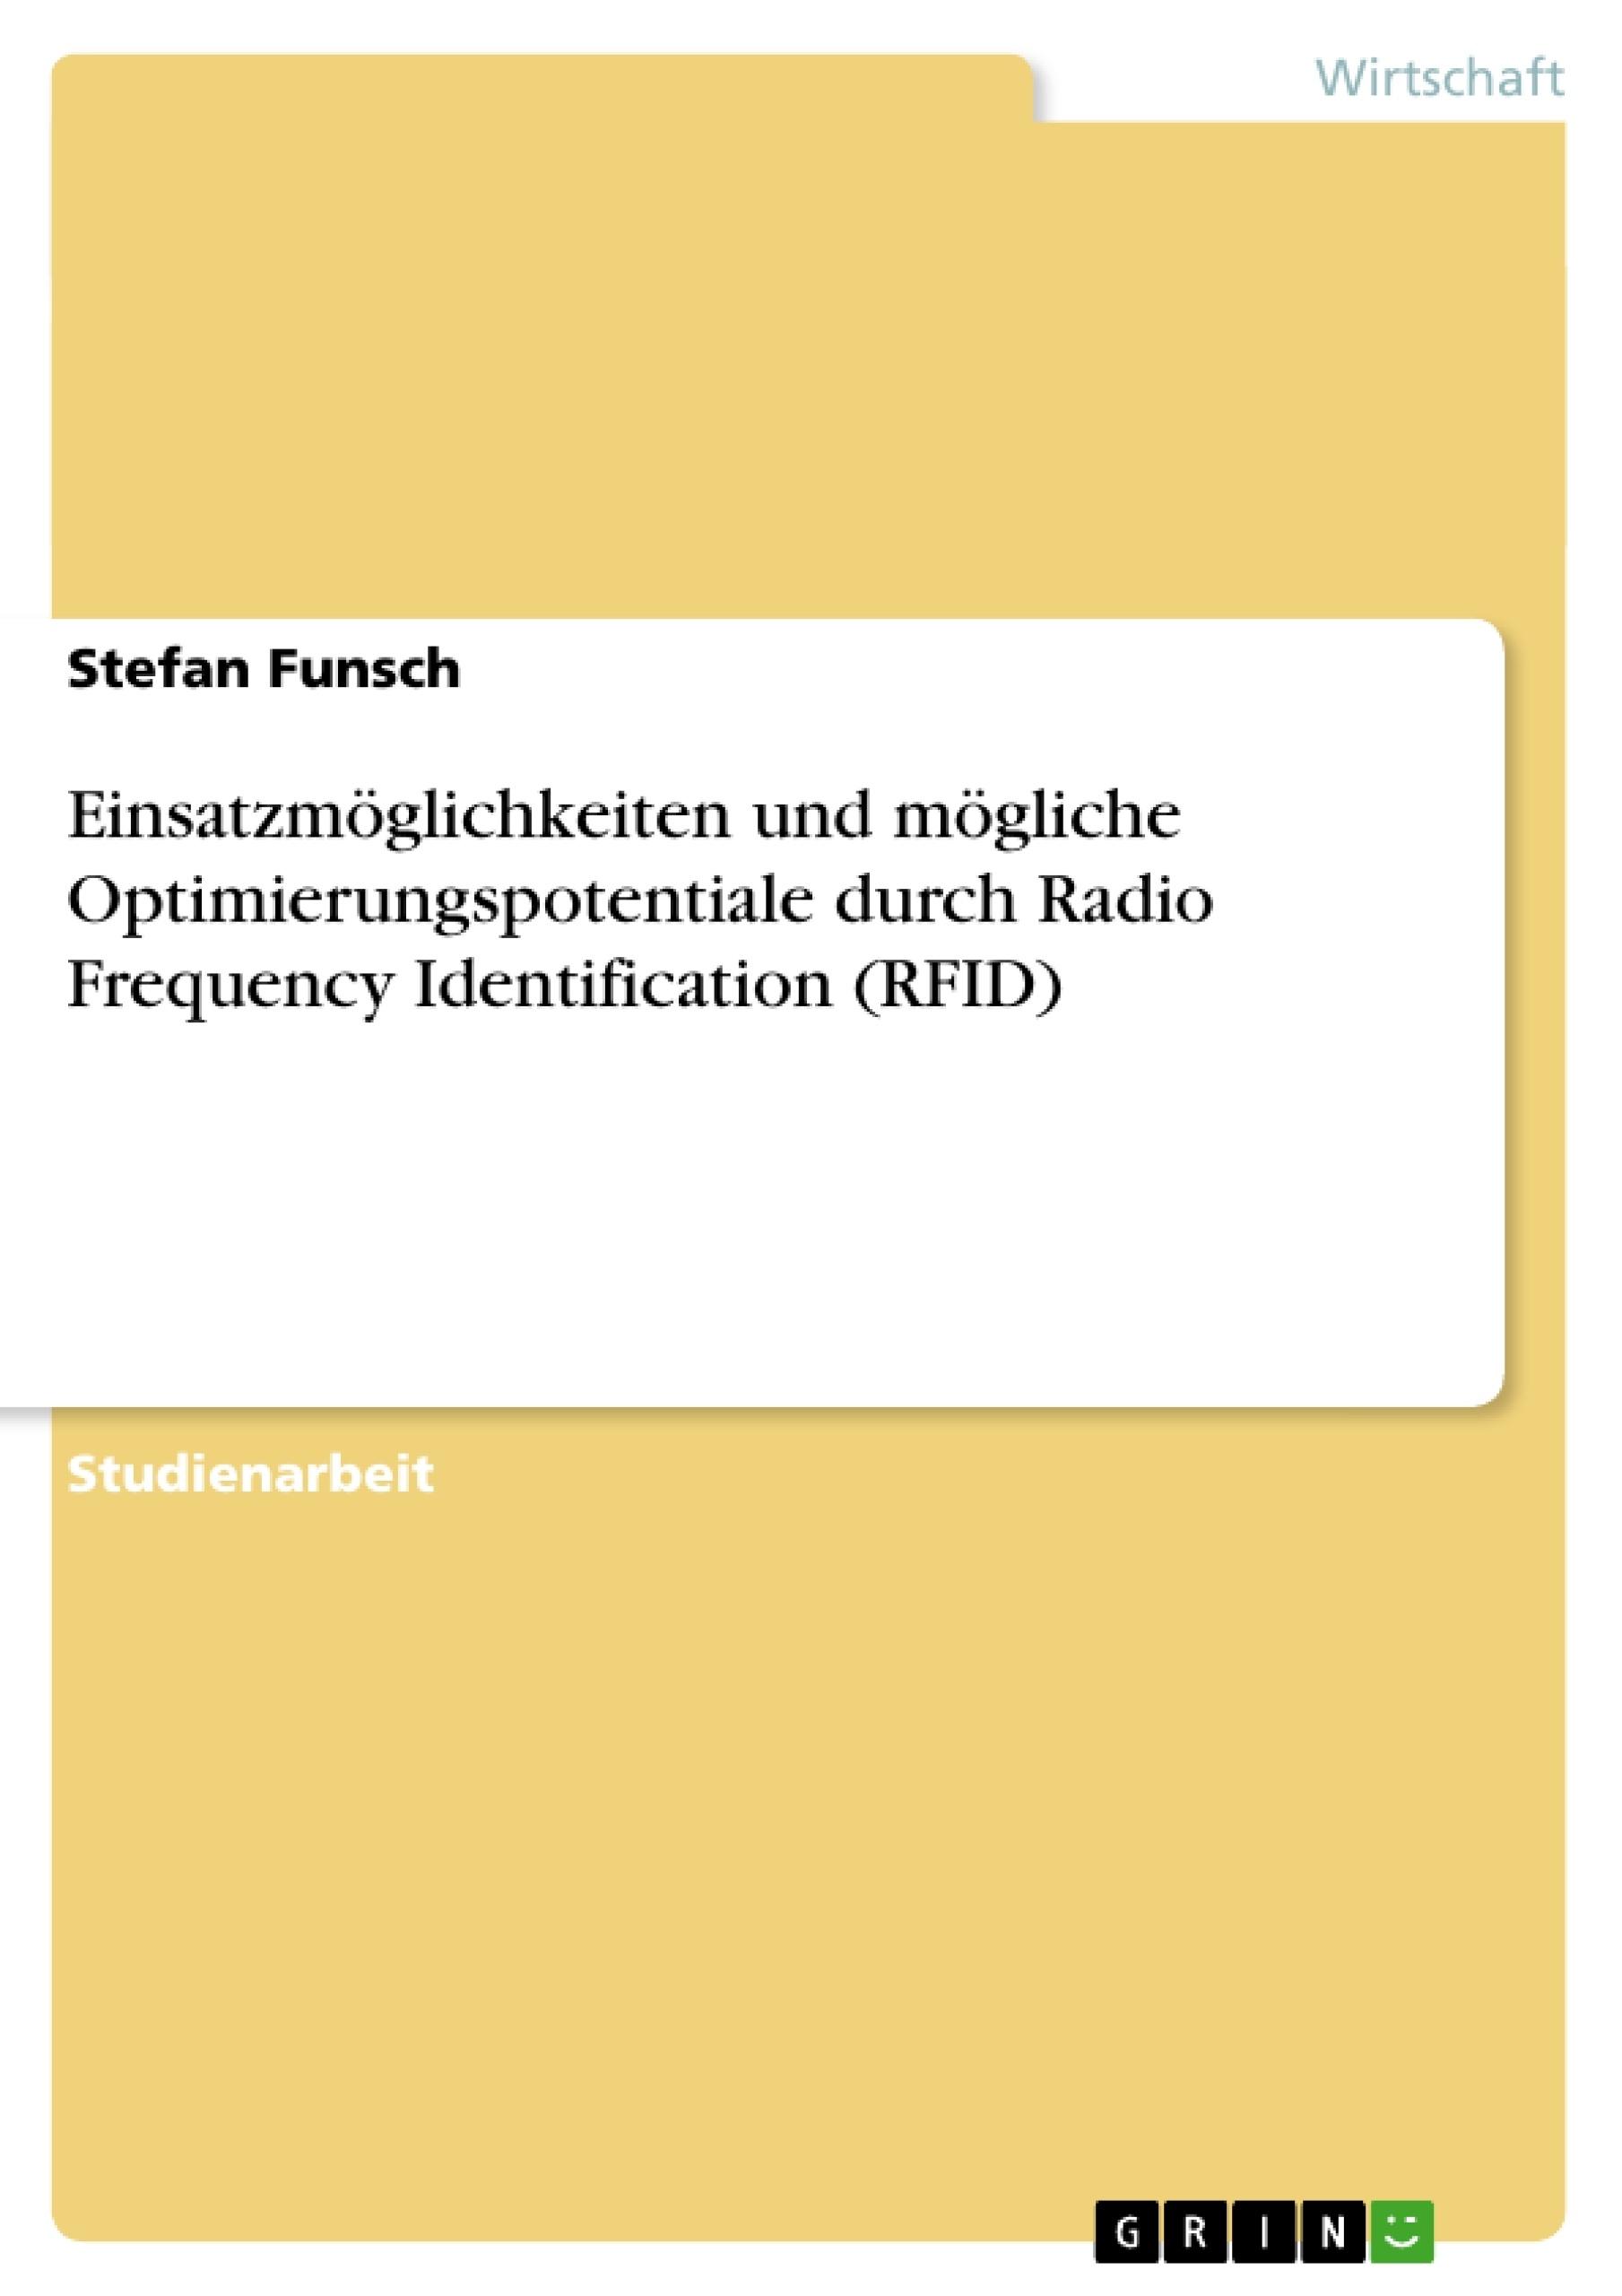 Titel: Einsatzmöglichkeiten und mögliche Optimierungspotentiale durch Radio Frequency Identification (RFID)